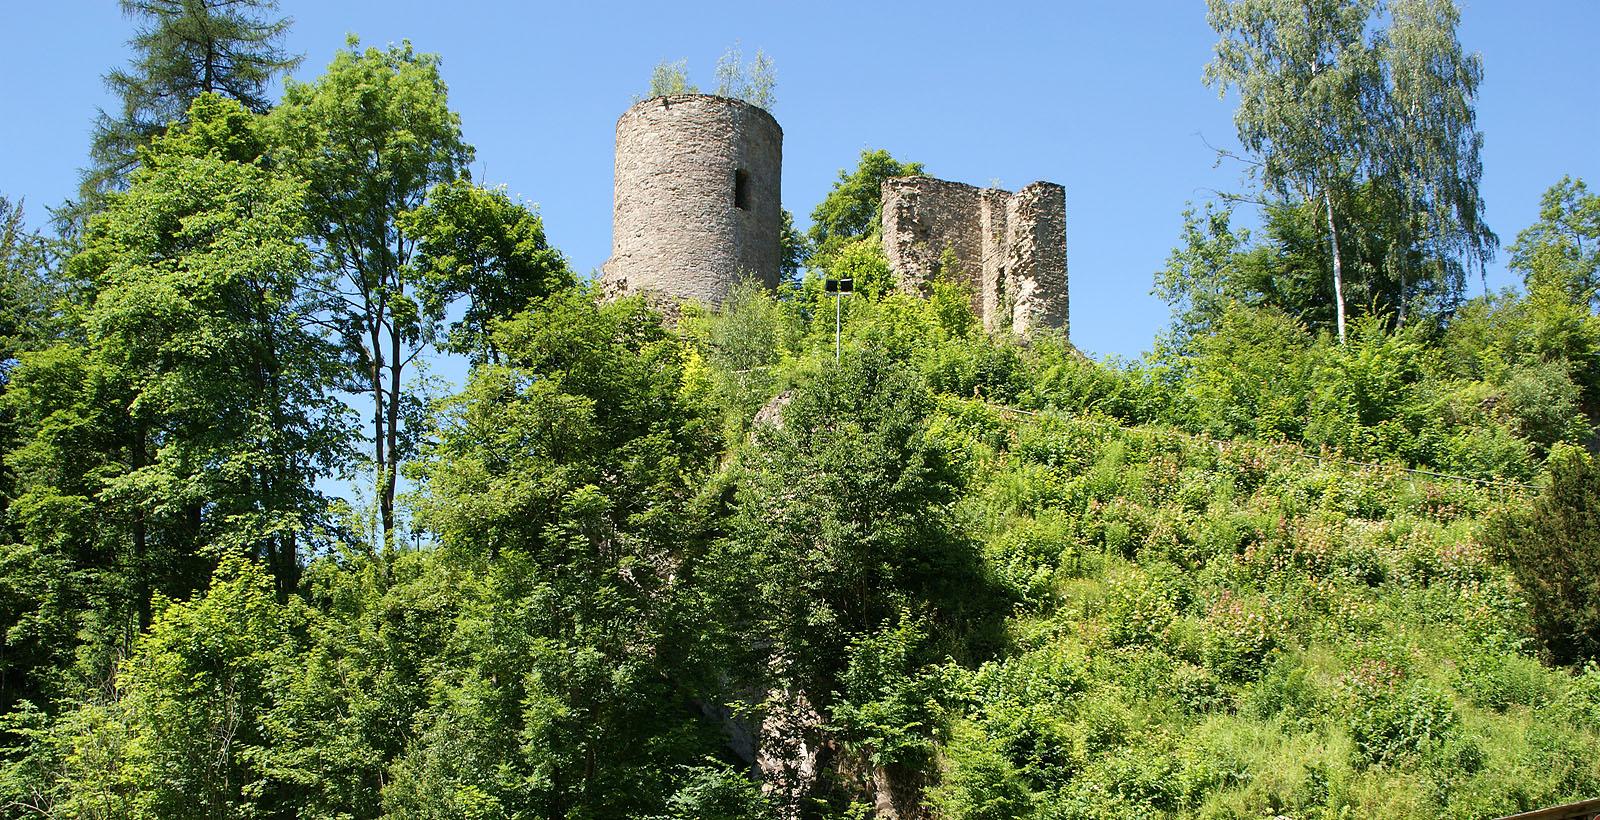 Zerstörte Burg aus dem Jahr 1530